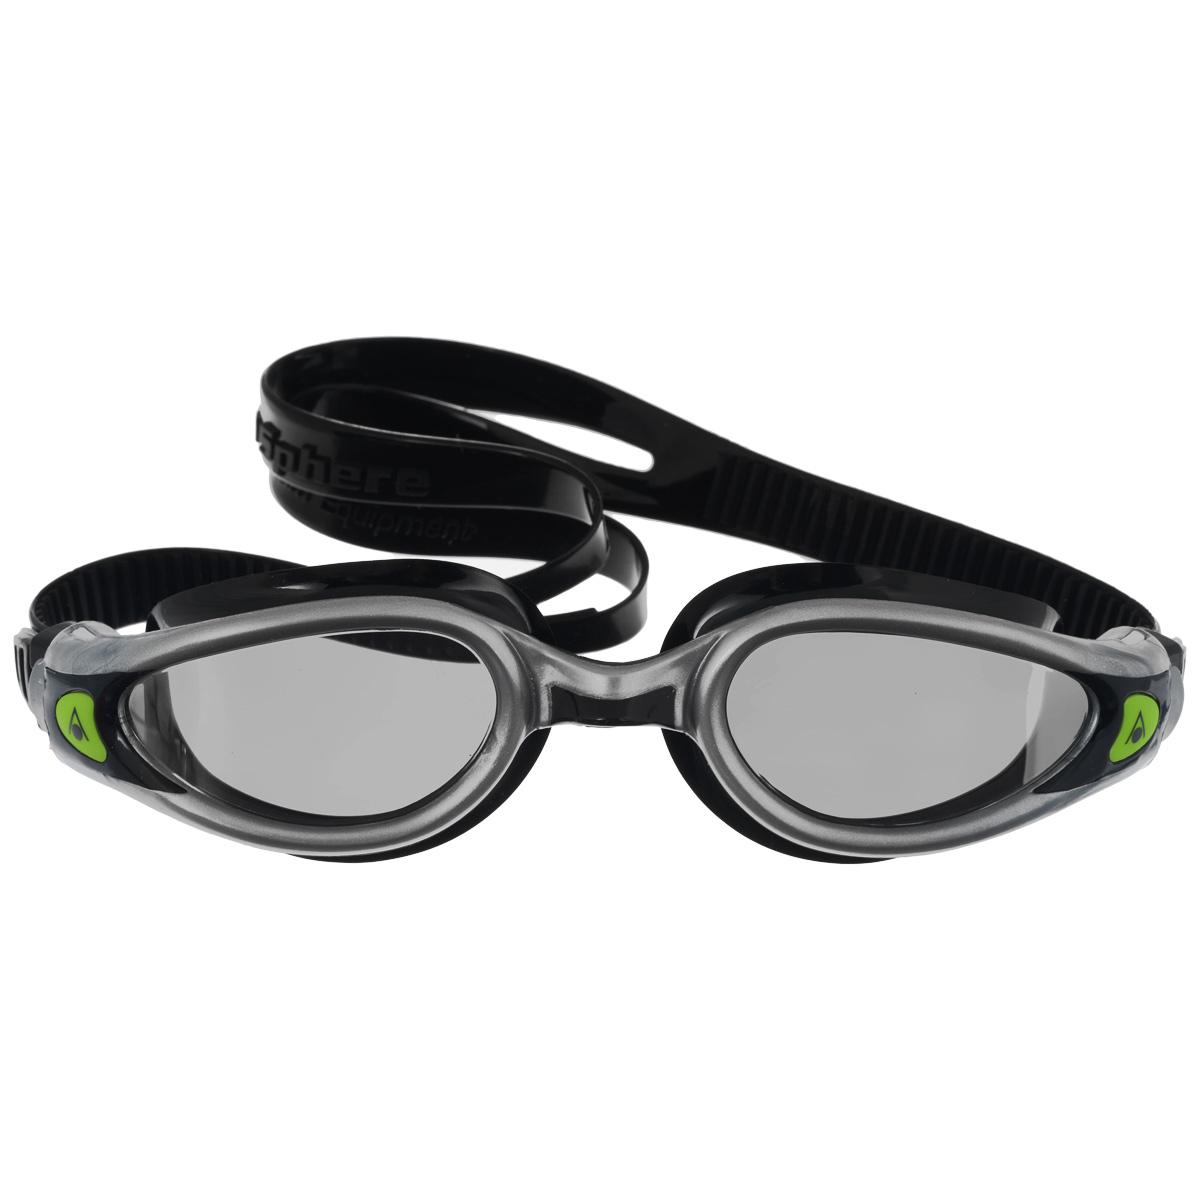 Очки для плавания Aqua Sphere Kaiman Exo, зеркальные линзы, цвет: серебристый, черныйTN 175760Модные и стильные очки Aqua Sphere Kaiman Exo идеально подходят для плавания в бассейне или открытой воде. Особая технология изогнутых линз позволяет обеспечить превосходный обзор в 180°, не искажая при этом изображение. Очки дают 100% защиту от ультрафиолетового излучения. Специальное покрытие препятствует запотеванию стекол. Новая технология каркаса EXO-core bi-material обеспечивает максимальную стабильность и комфорт. Материал: софтерил, plexisol.